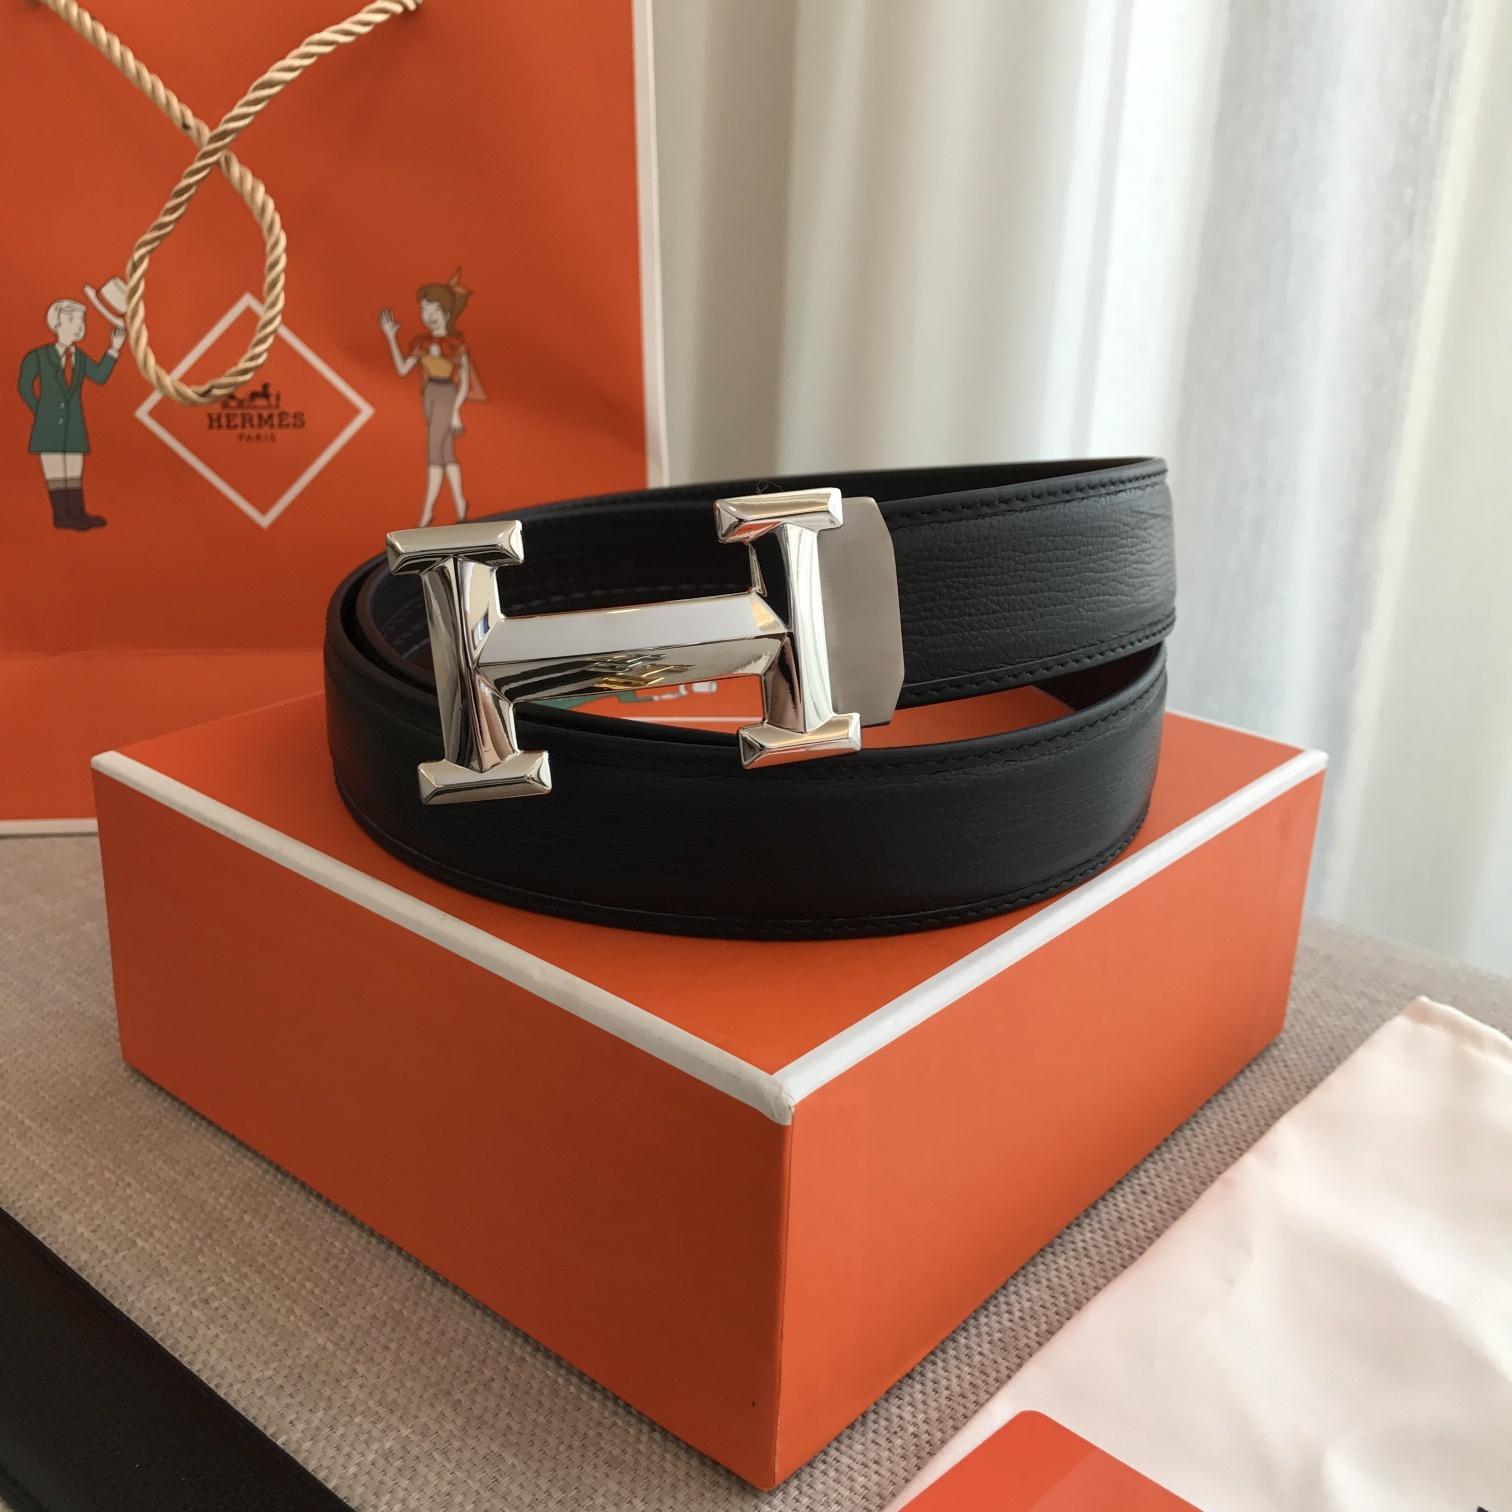 爱马仕Hermes自動平滑帶 原版頭層鯊魚紋腰带